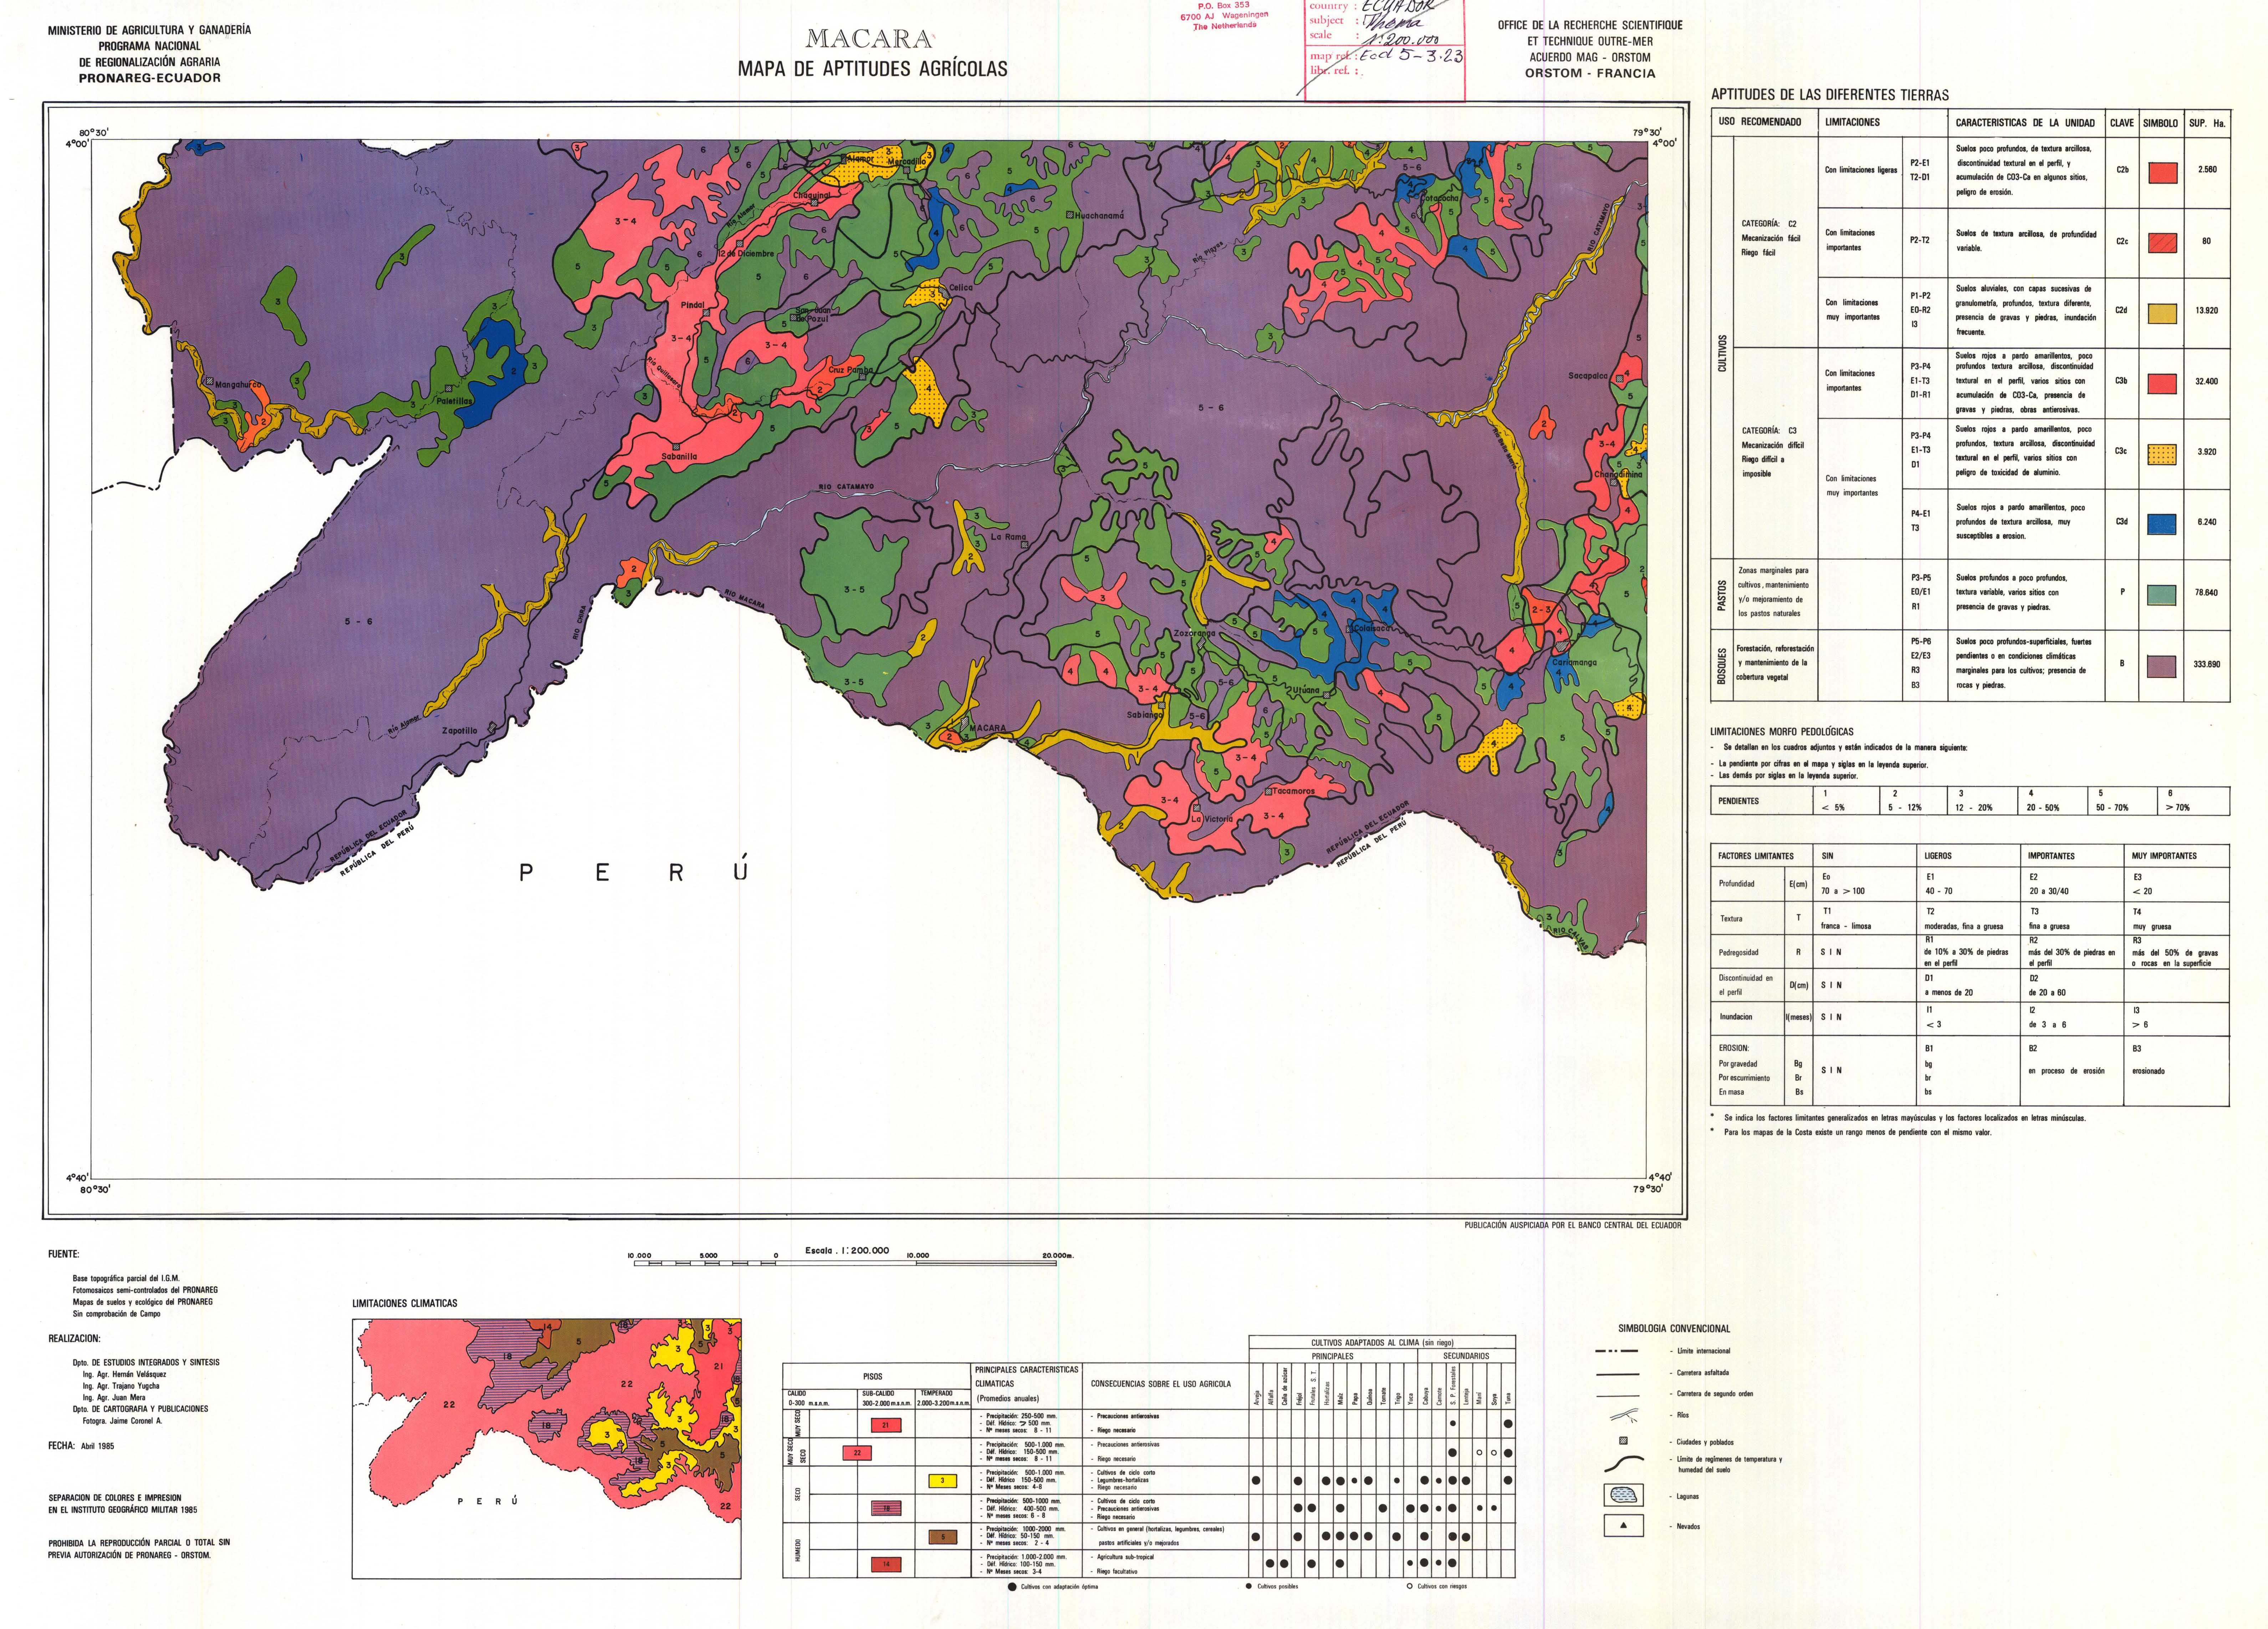 Aptitudes agrícolas de la región de Macará 1985